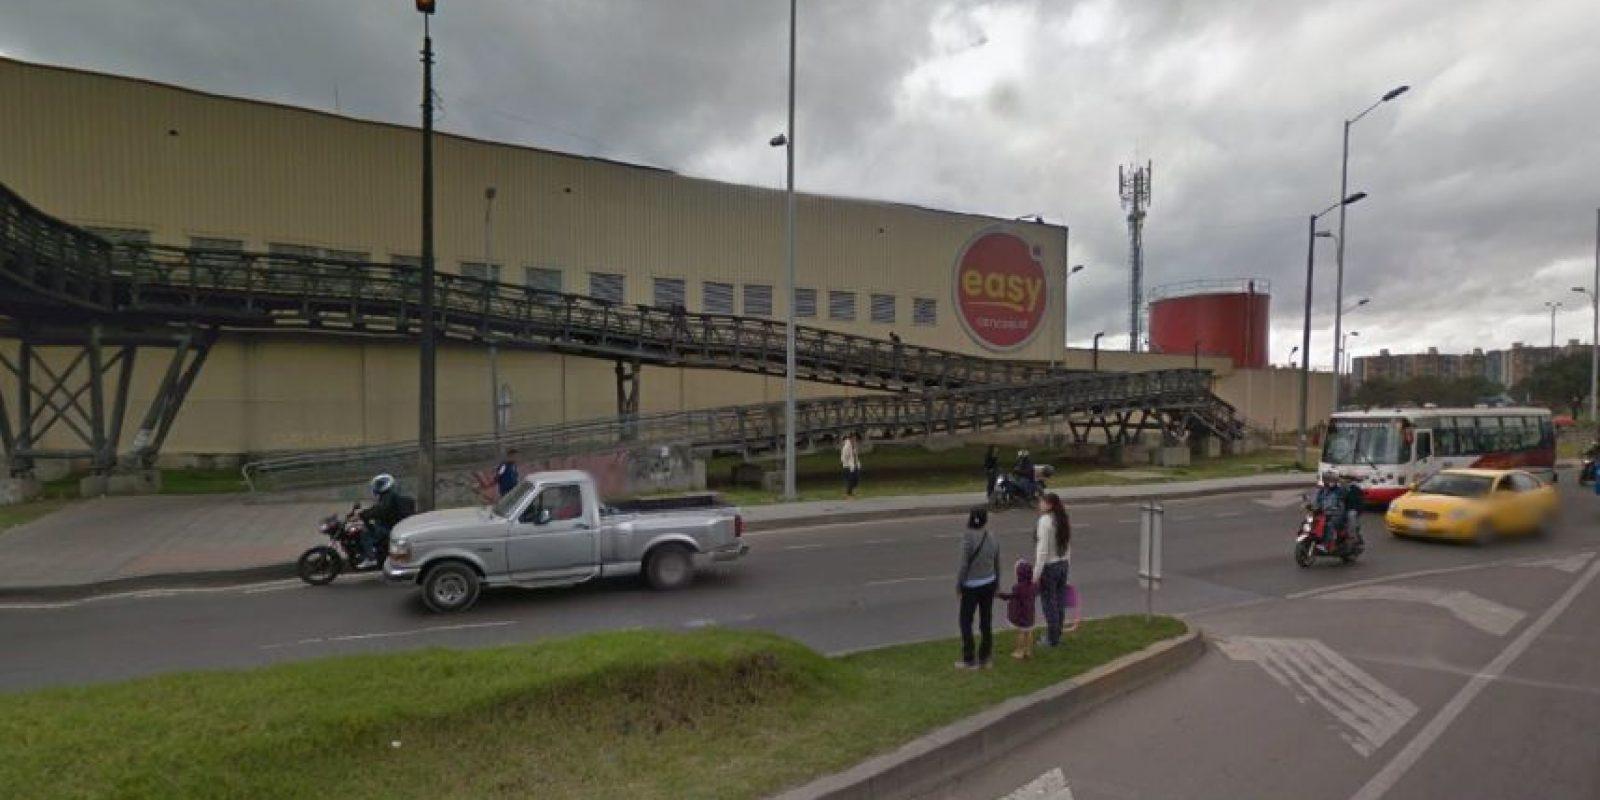 Esta mujer arriesga su vida y la de sus hijos pasando la avenida Boyacá por un lugar indebido, lo peor es que el puente peatonal estaba a pocos metros. Foto:Captura de pantalla Google Street View